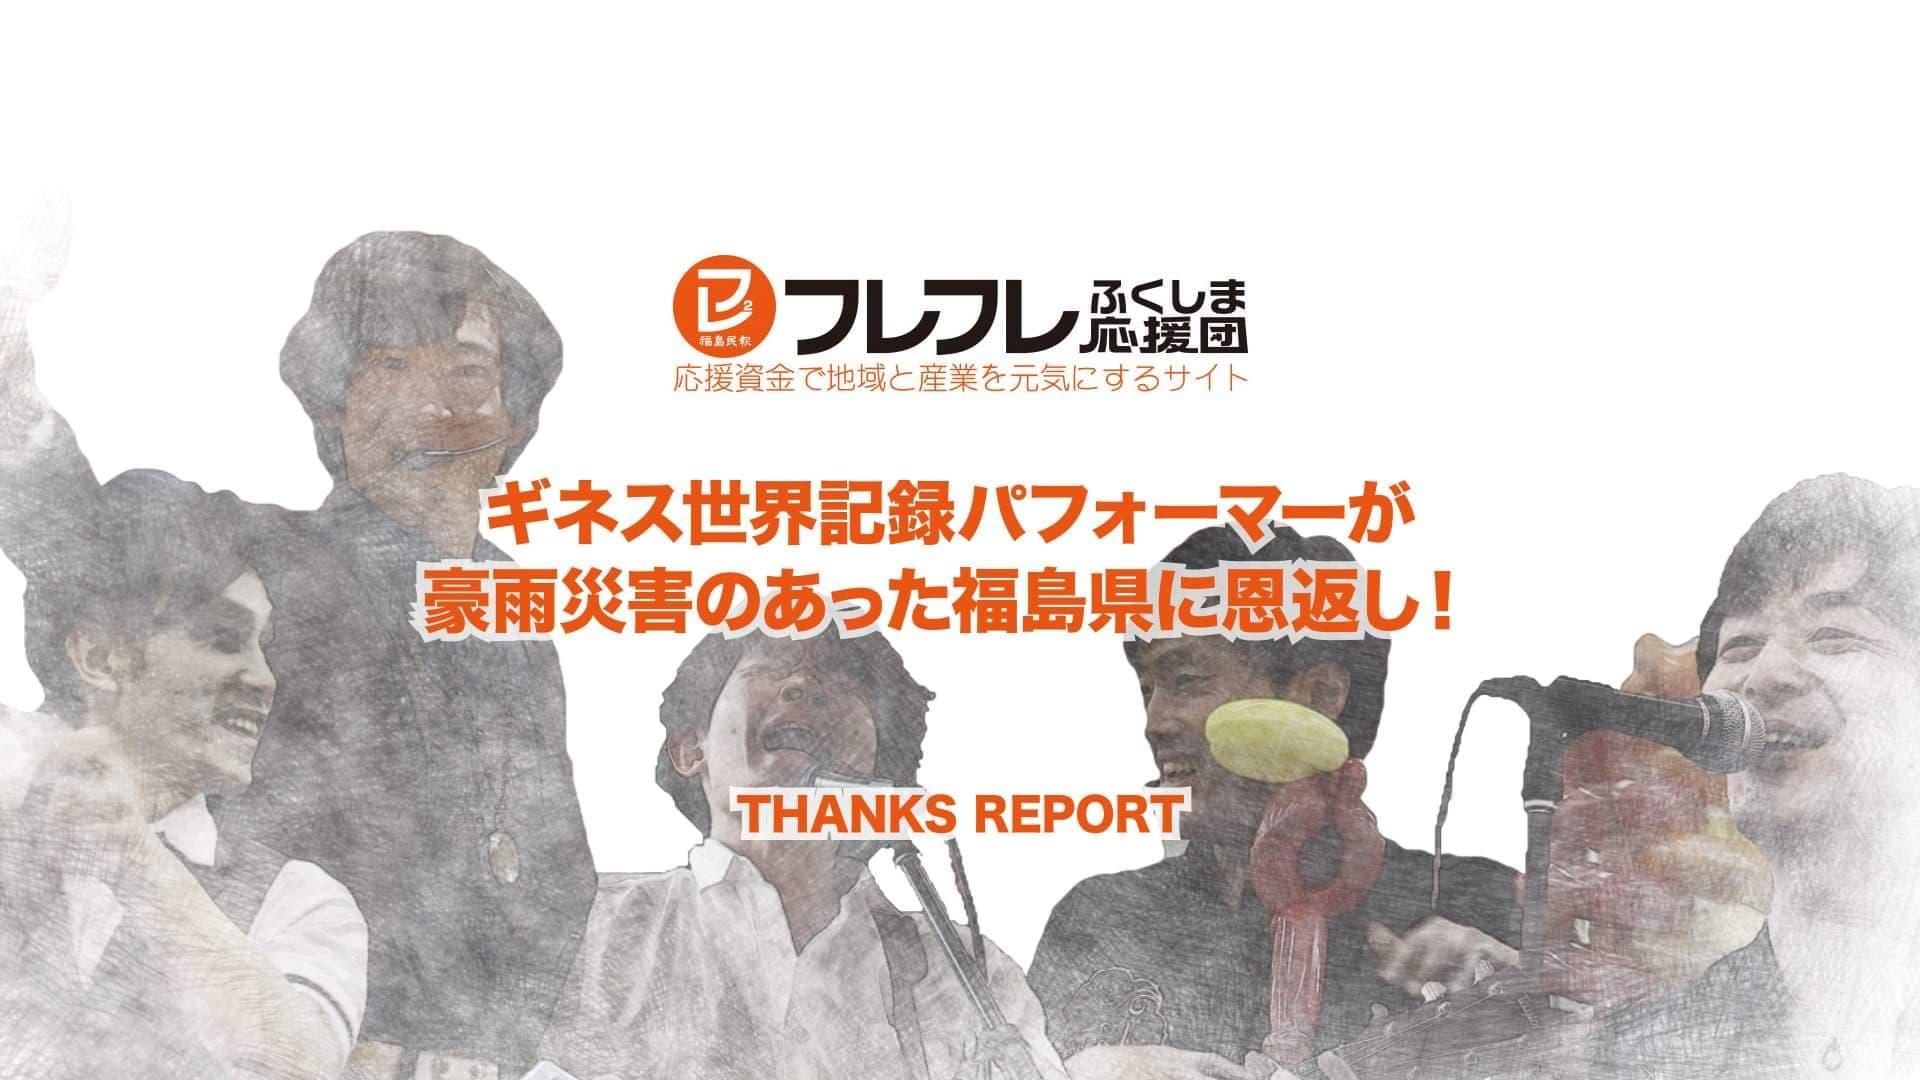 ギネス世界記録パフォーマーが豪雨災害のあった福島県に恩返し!